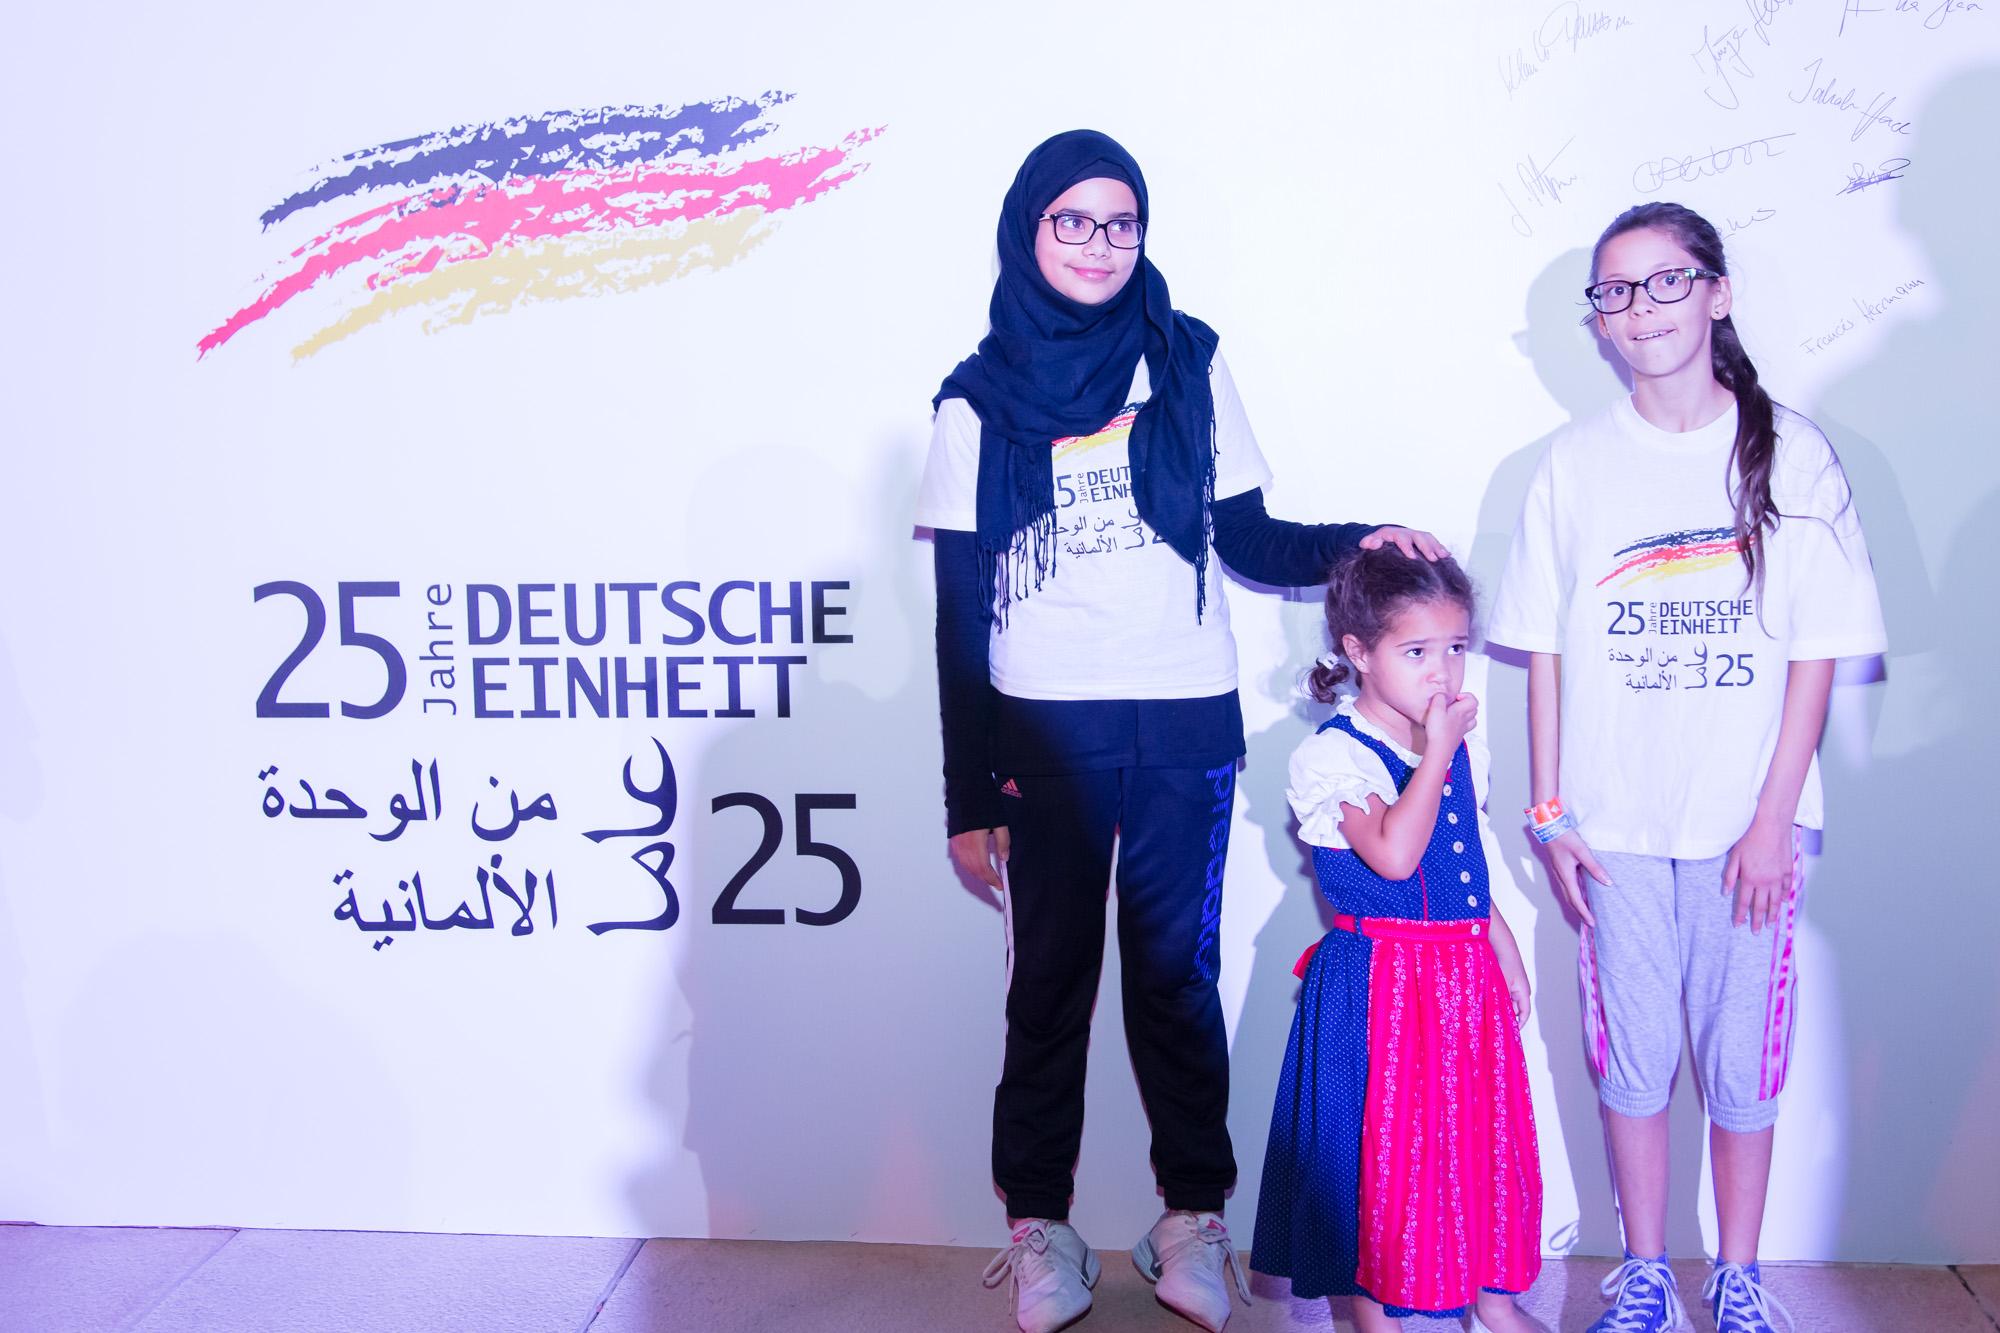 Bilder · Feier 25 Jahre Wiedervereinigung